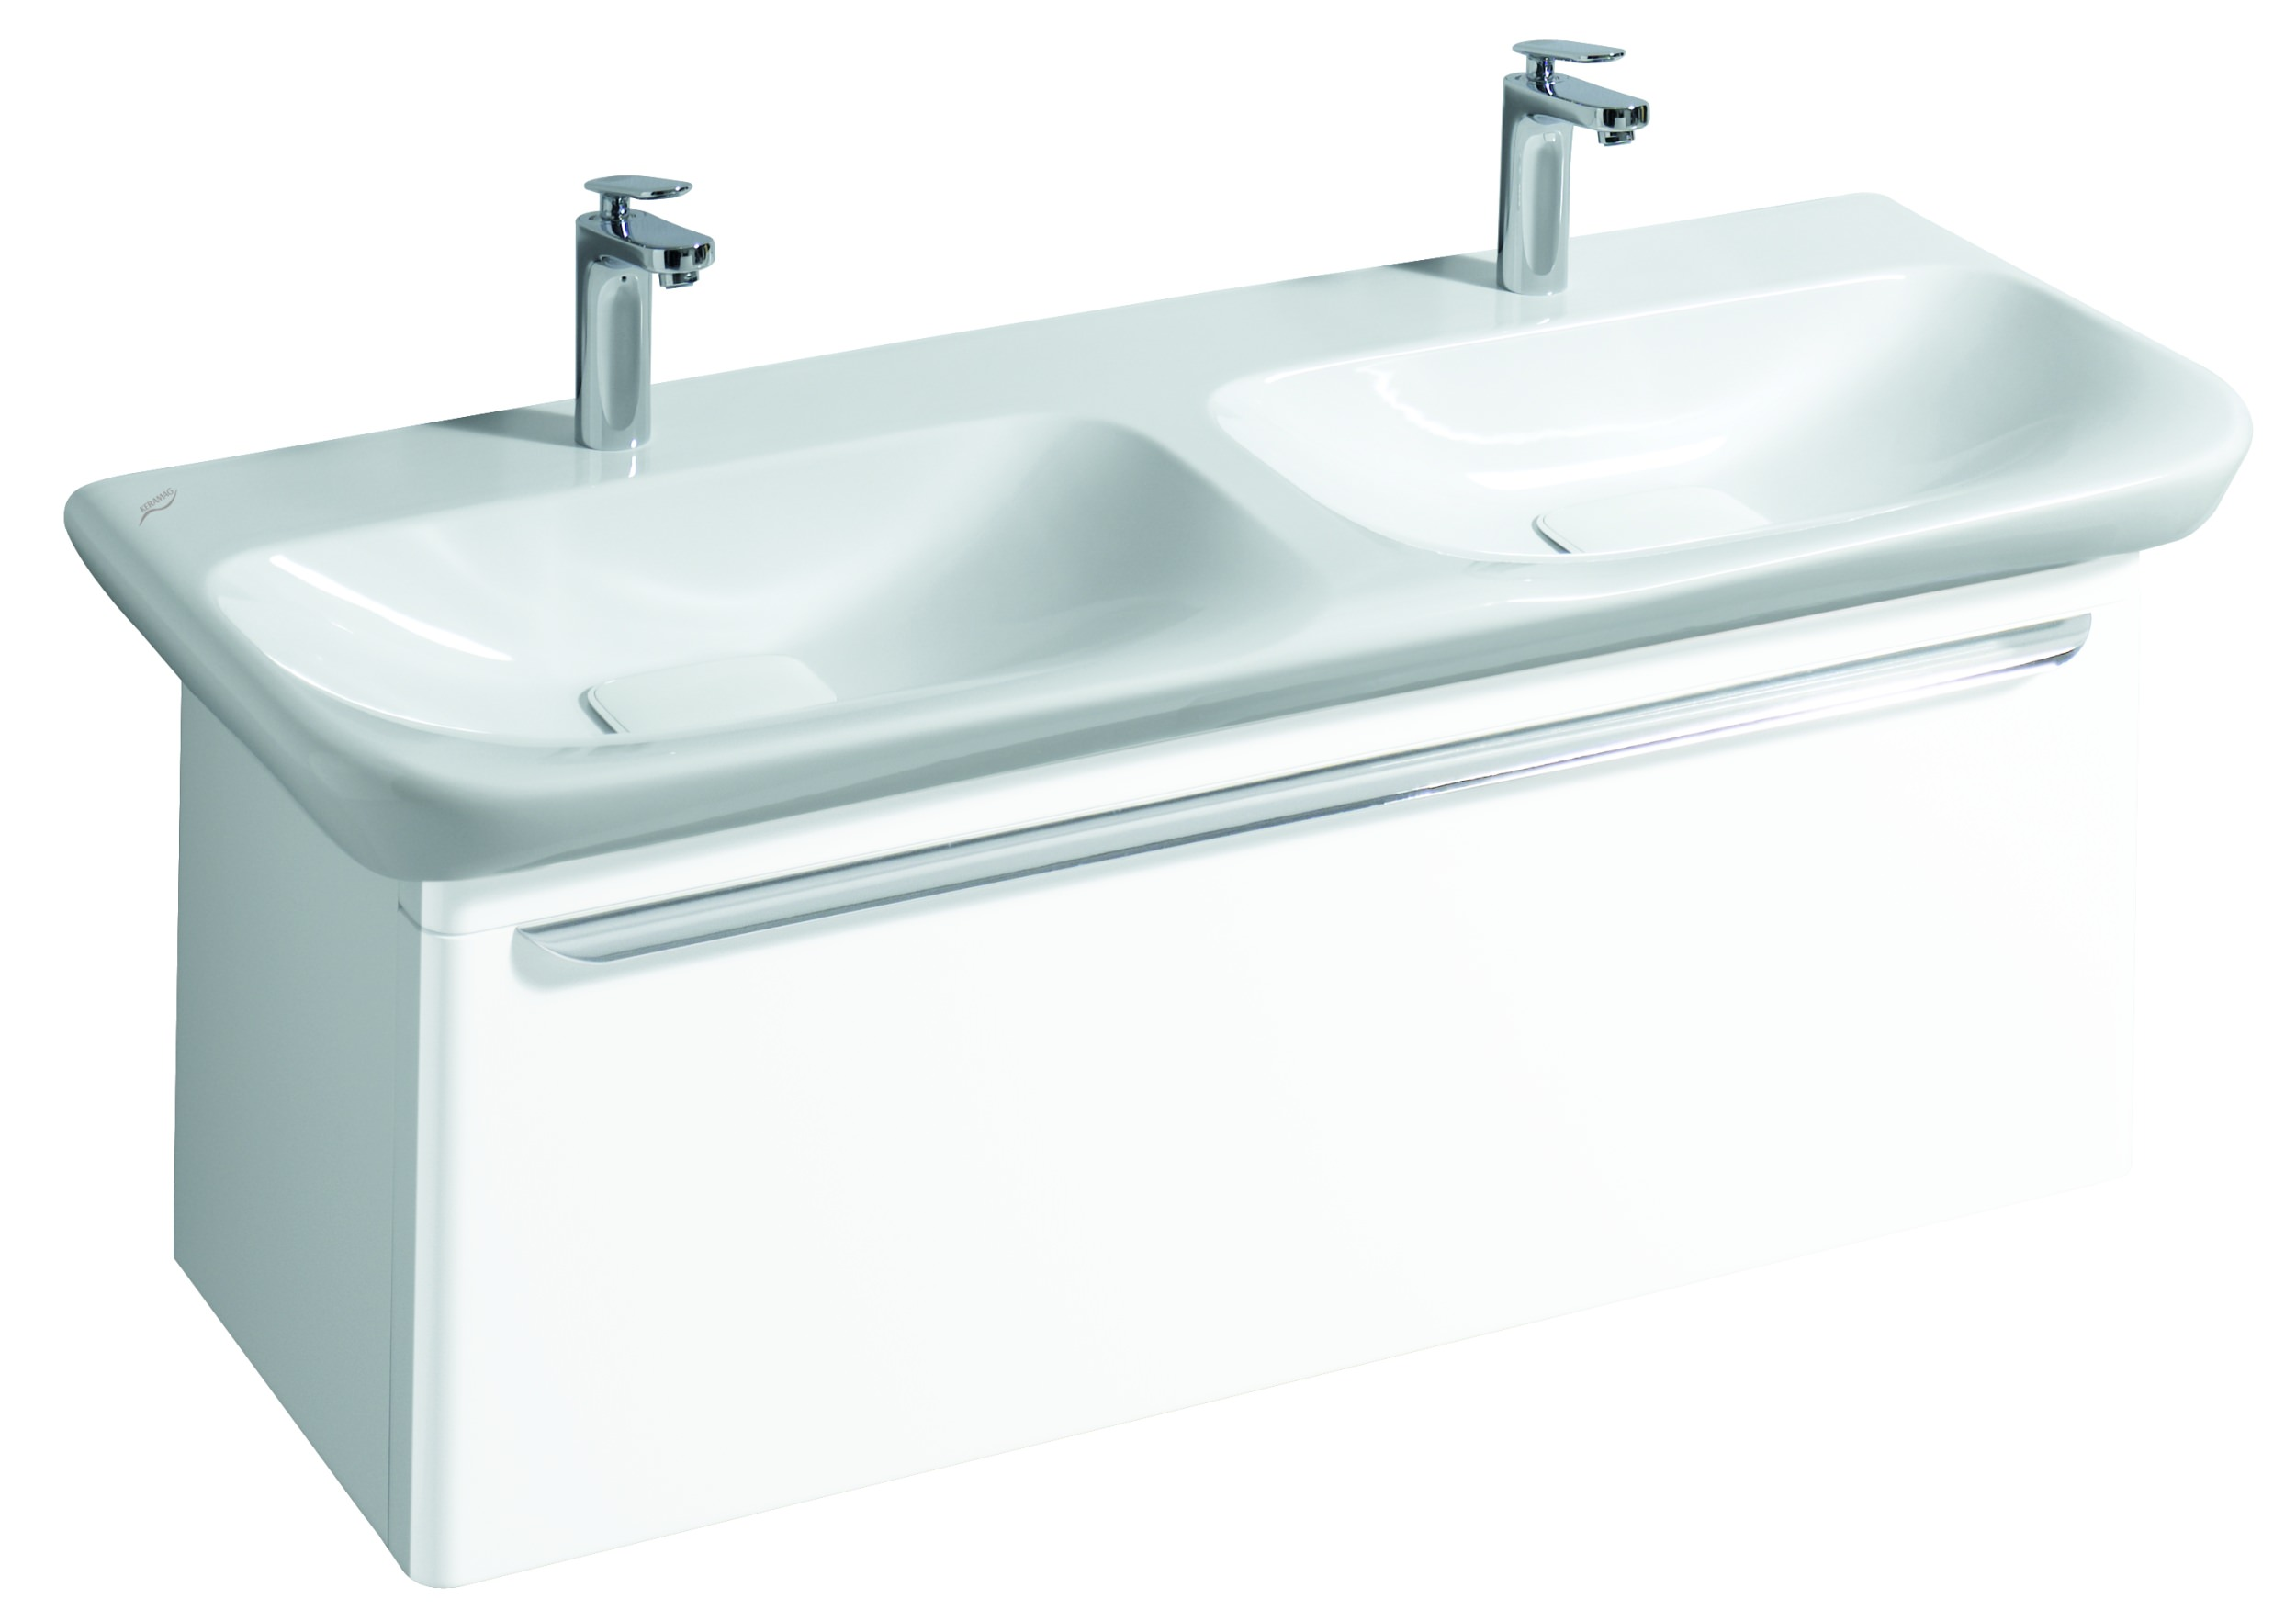 keramag myday waschtischunterschrank mit led 1160x410x405mm wei matt 824133000. Black Bedroom Furniture Sets. Home Design Ideas